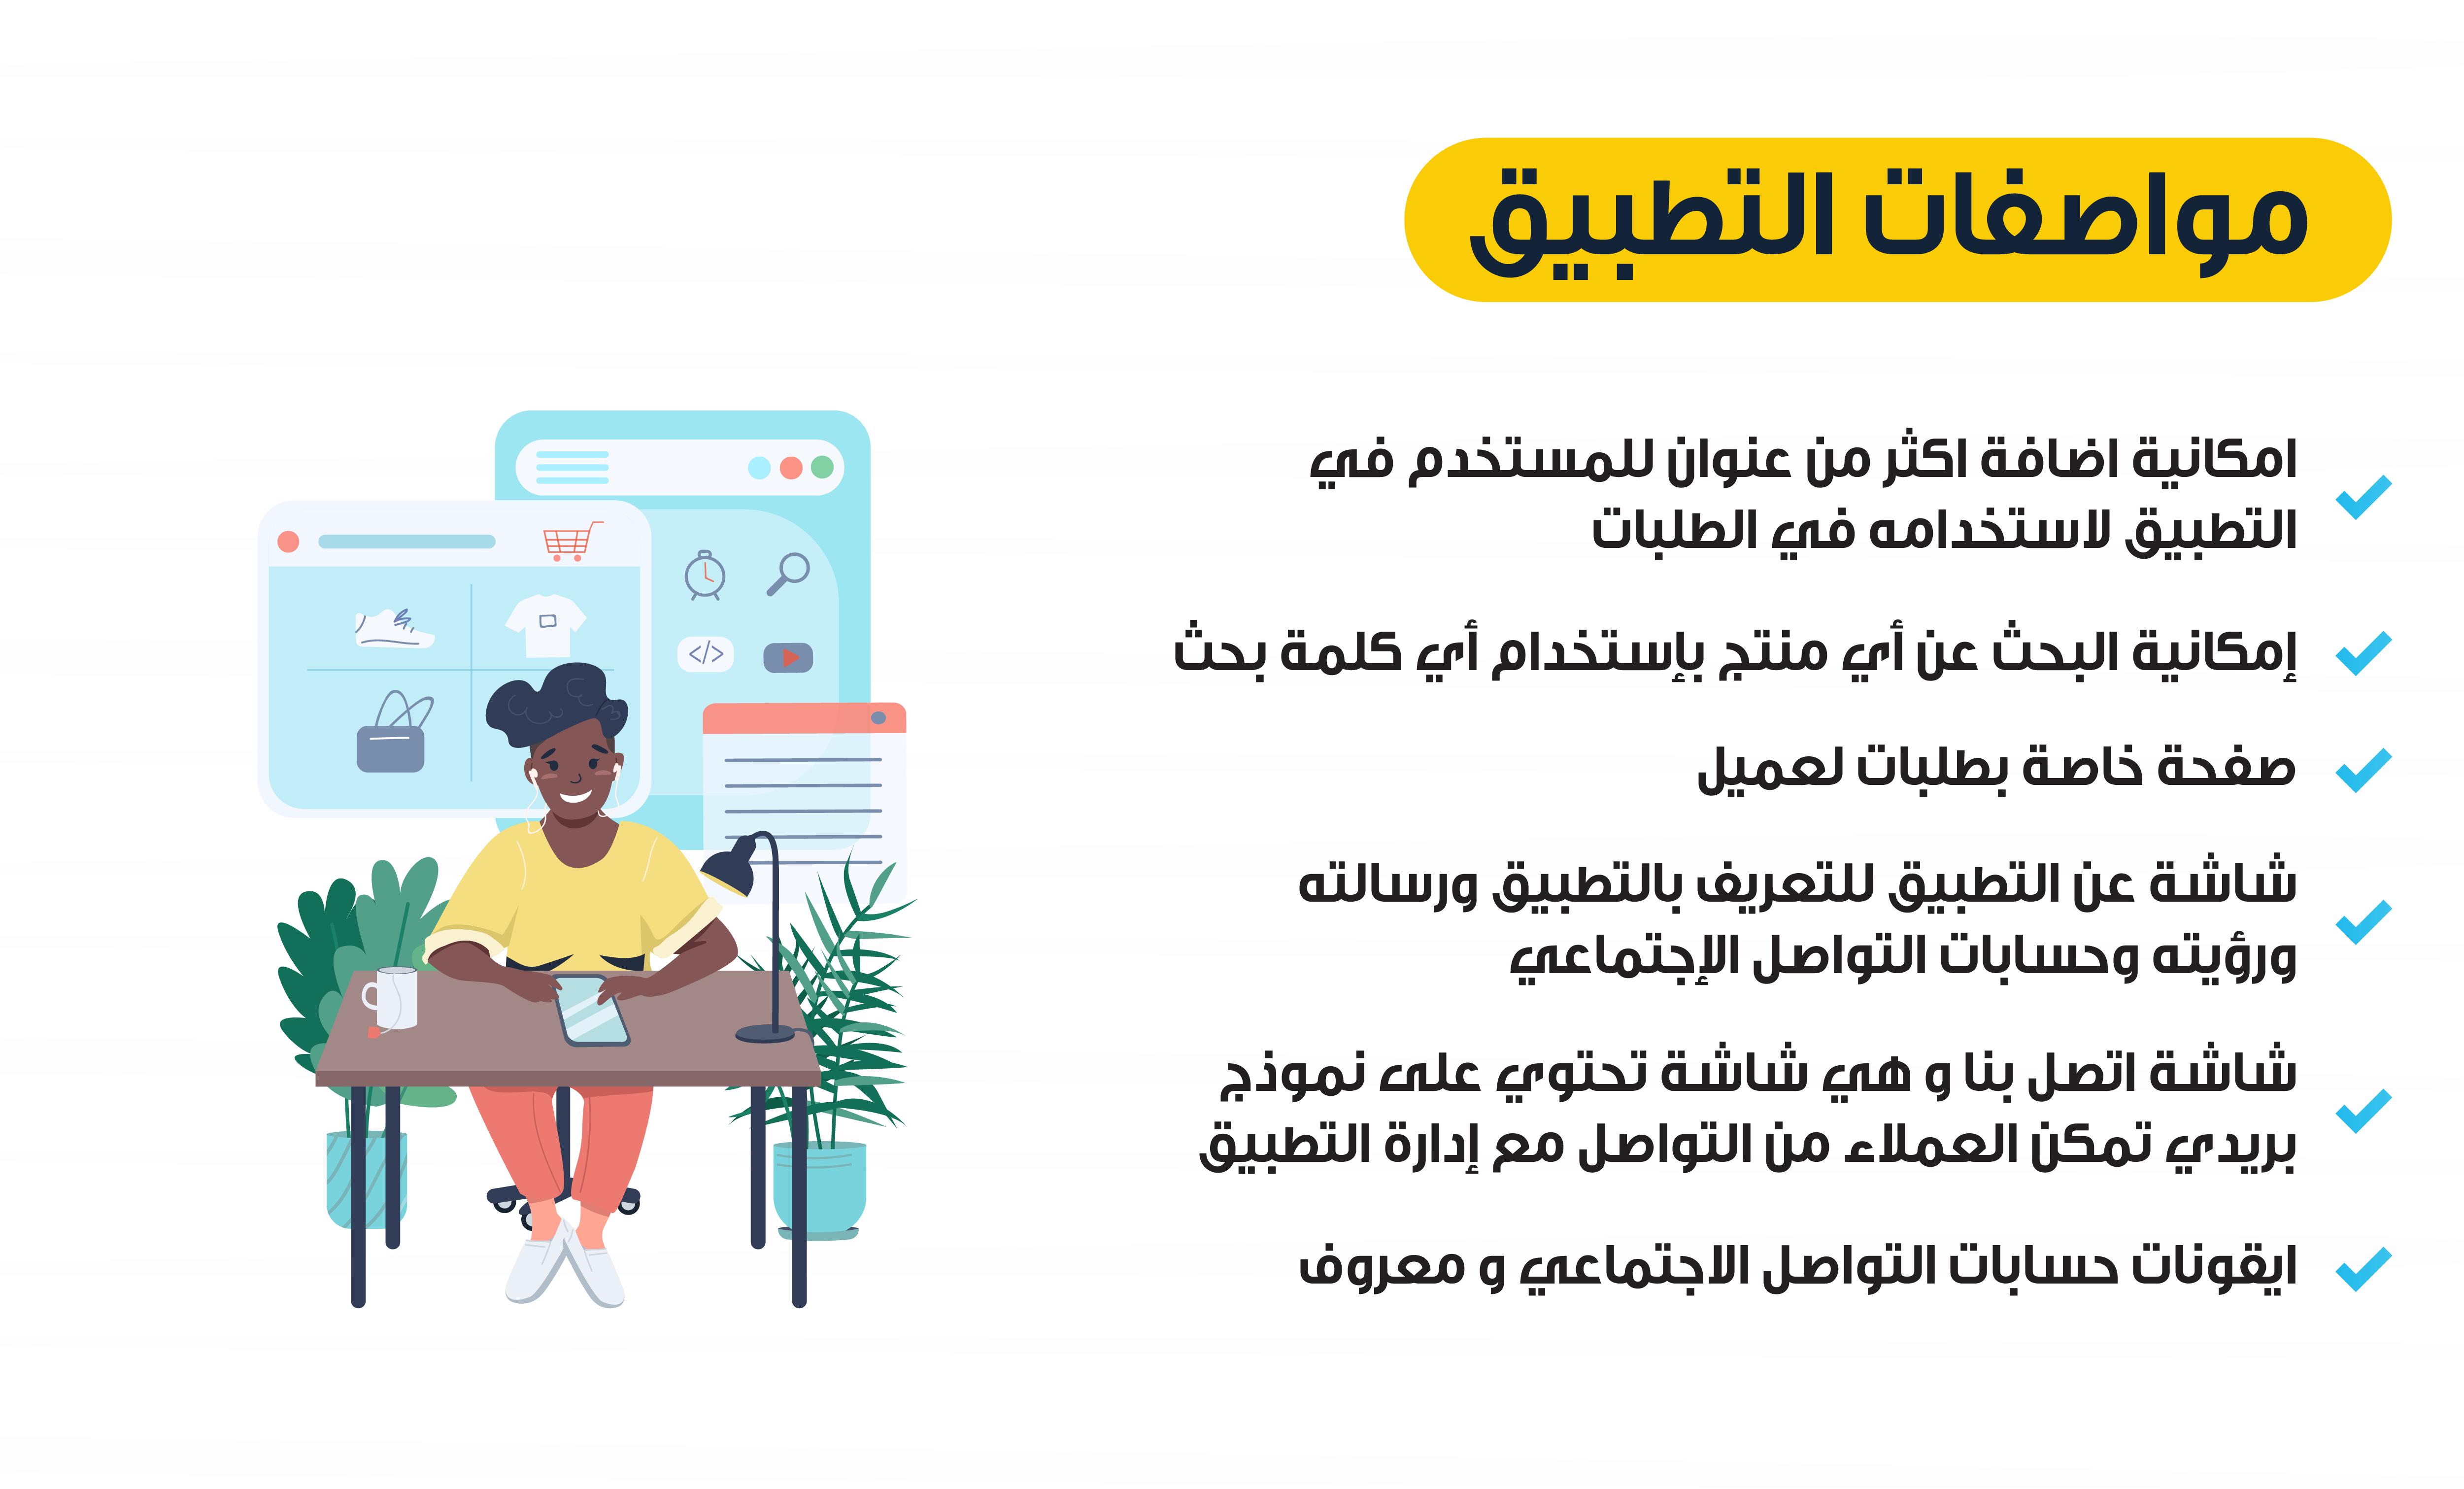 مواصفات تطبيق اوبن كارت العرب